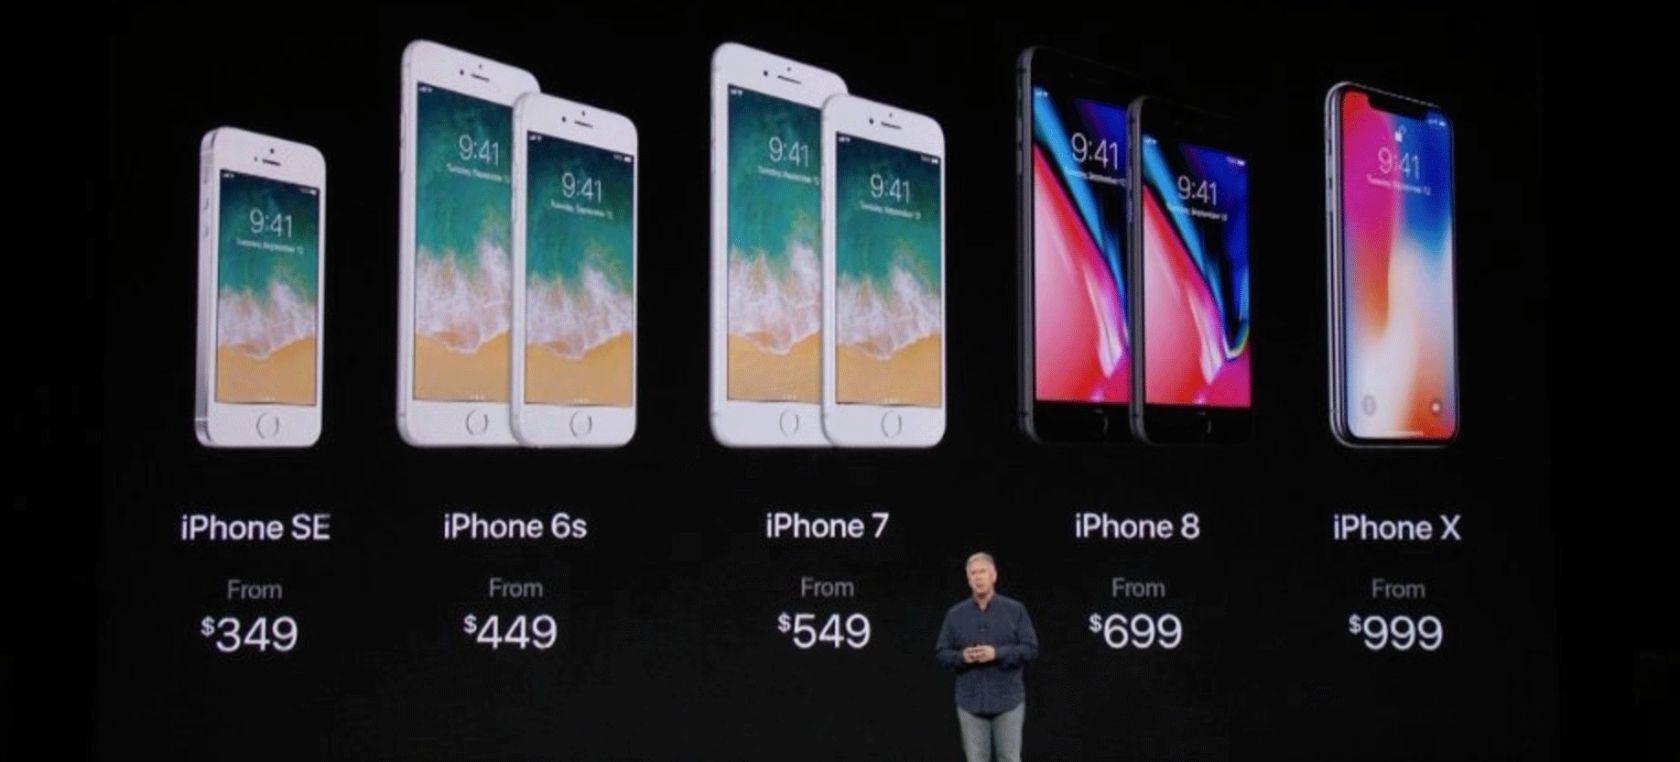 Todos los modelos de iPhone y su precio dentro de la presentación de Apple